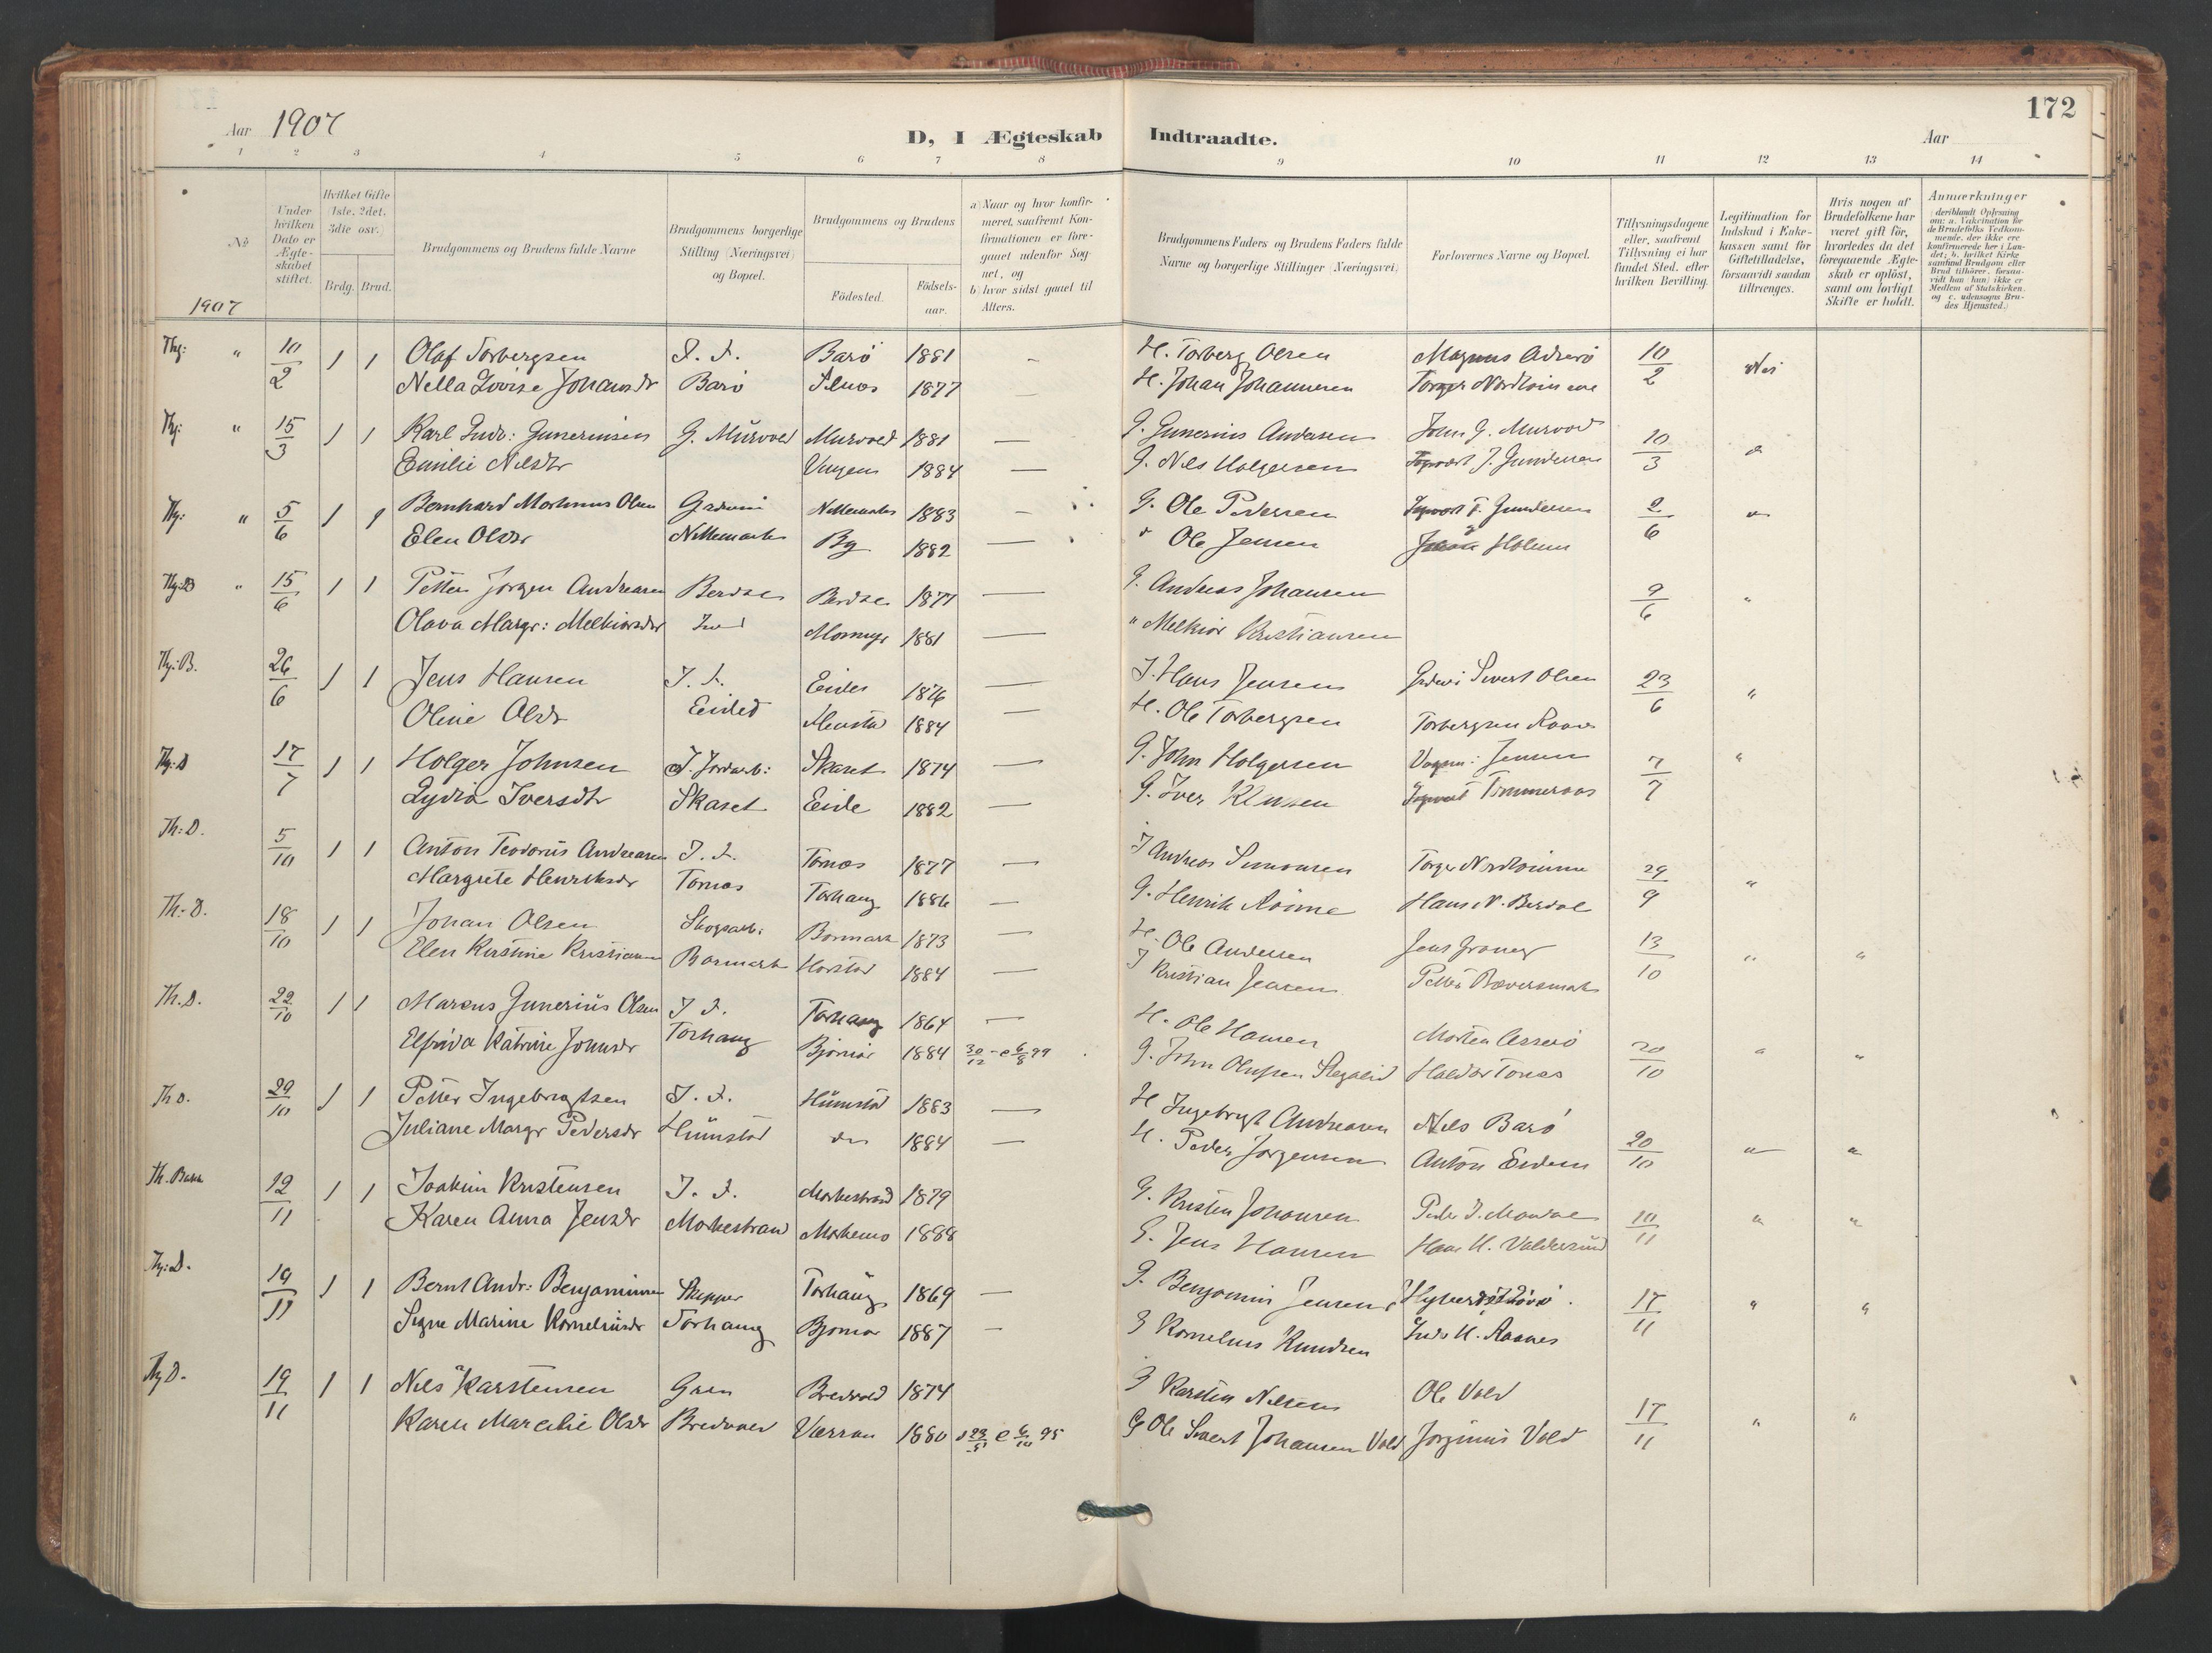 SAT, Ministerialprotokoller, klokkerbøker og fødselsregistre - Sør-Trøndelag, 655/L0681: Ministerialbok nr. 655A10, 1895-1907, s. 172